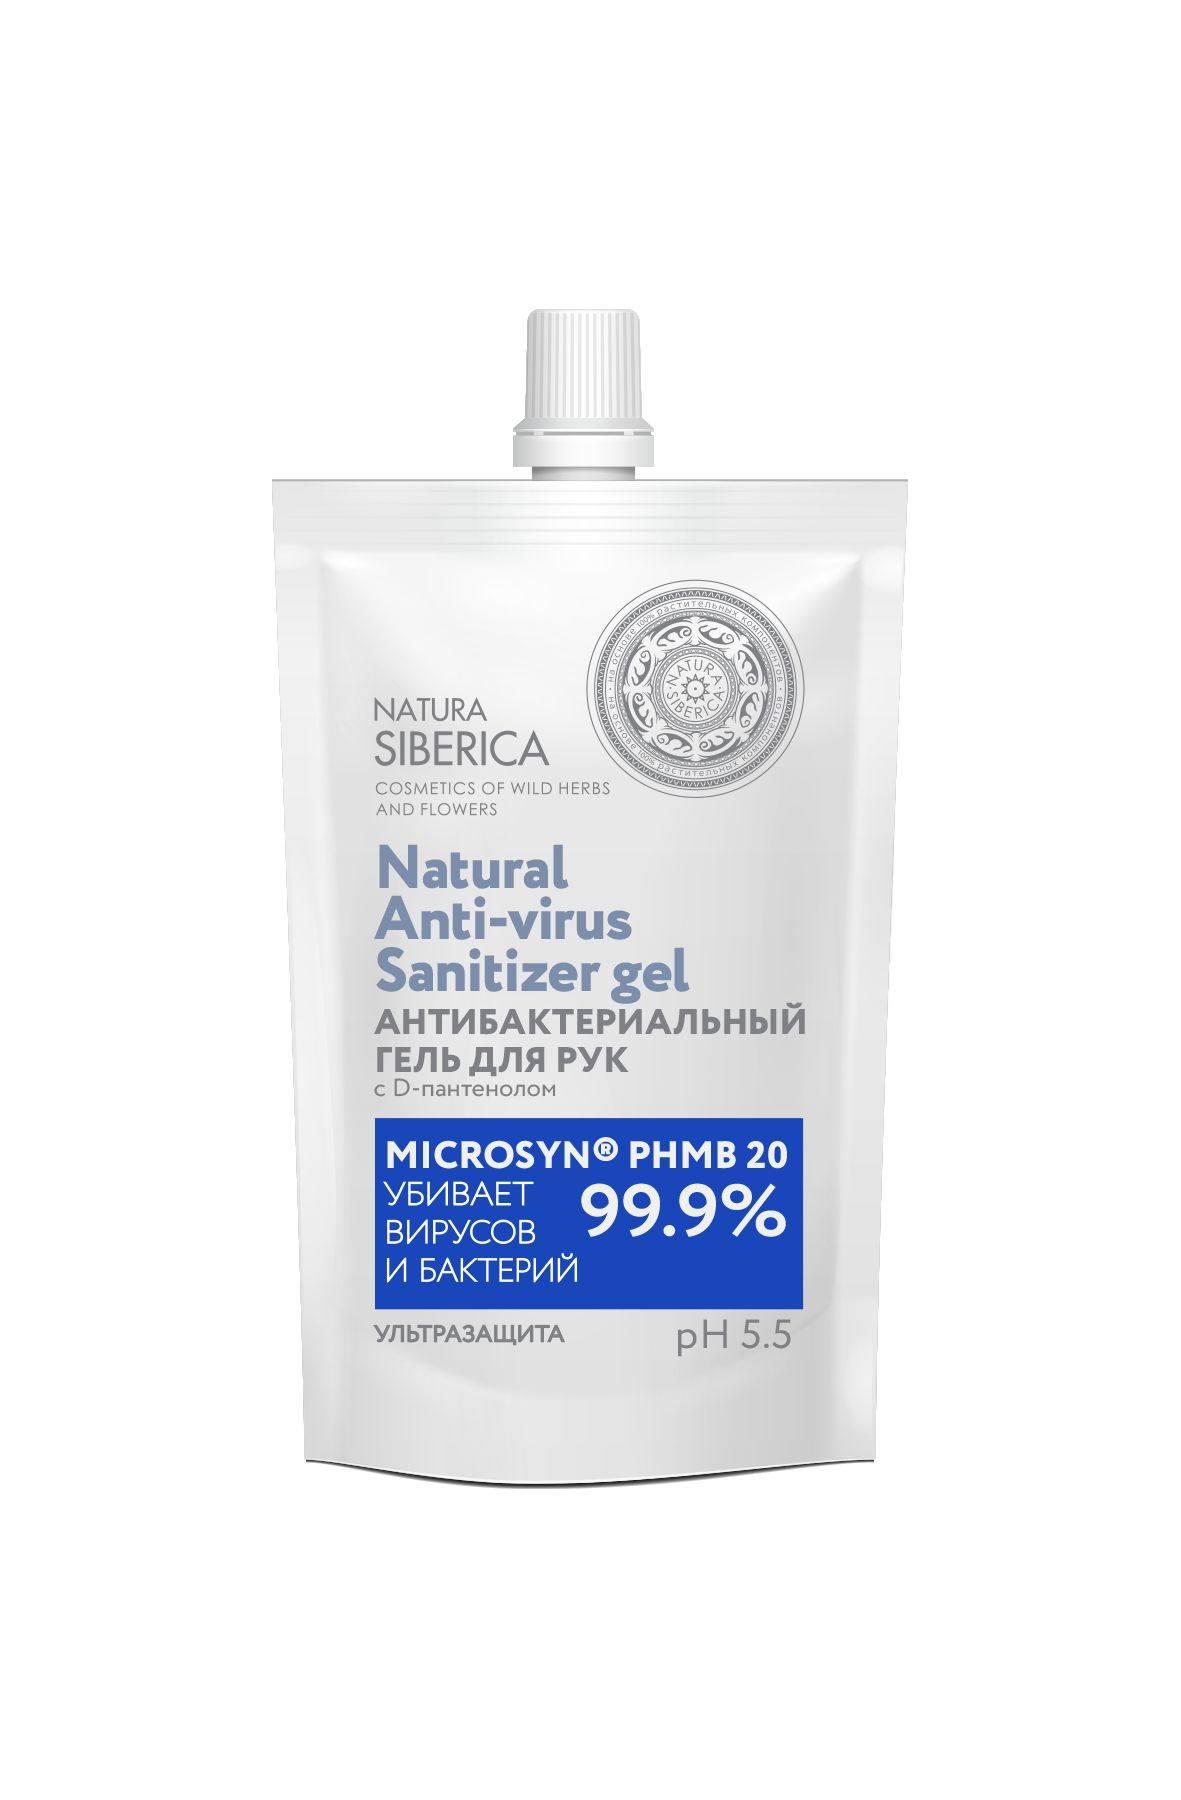 Купить Natura Siberica Антибактериальный Гель для рук Ультразащита , 100 мл (shop: Organic-shops Organic shops)